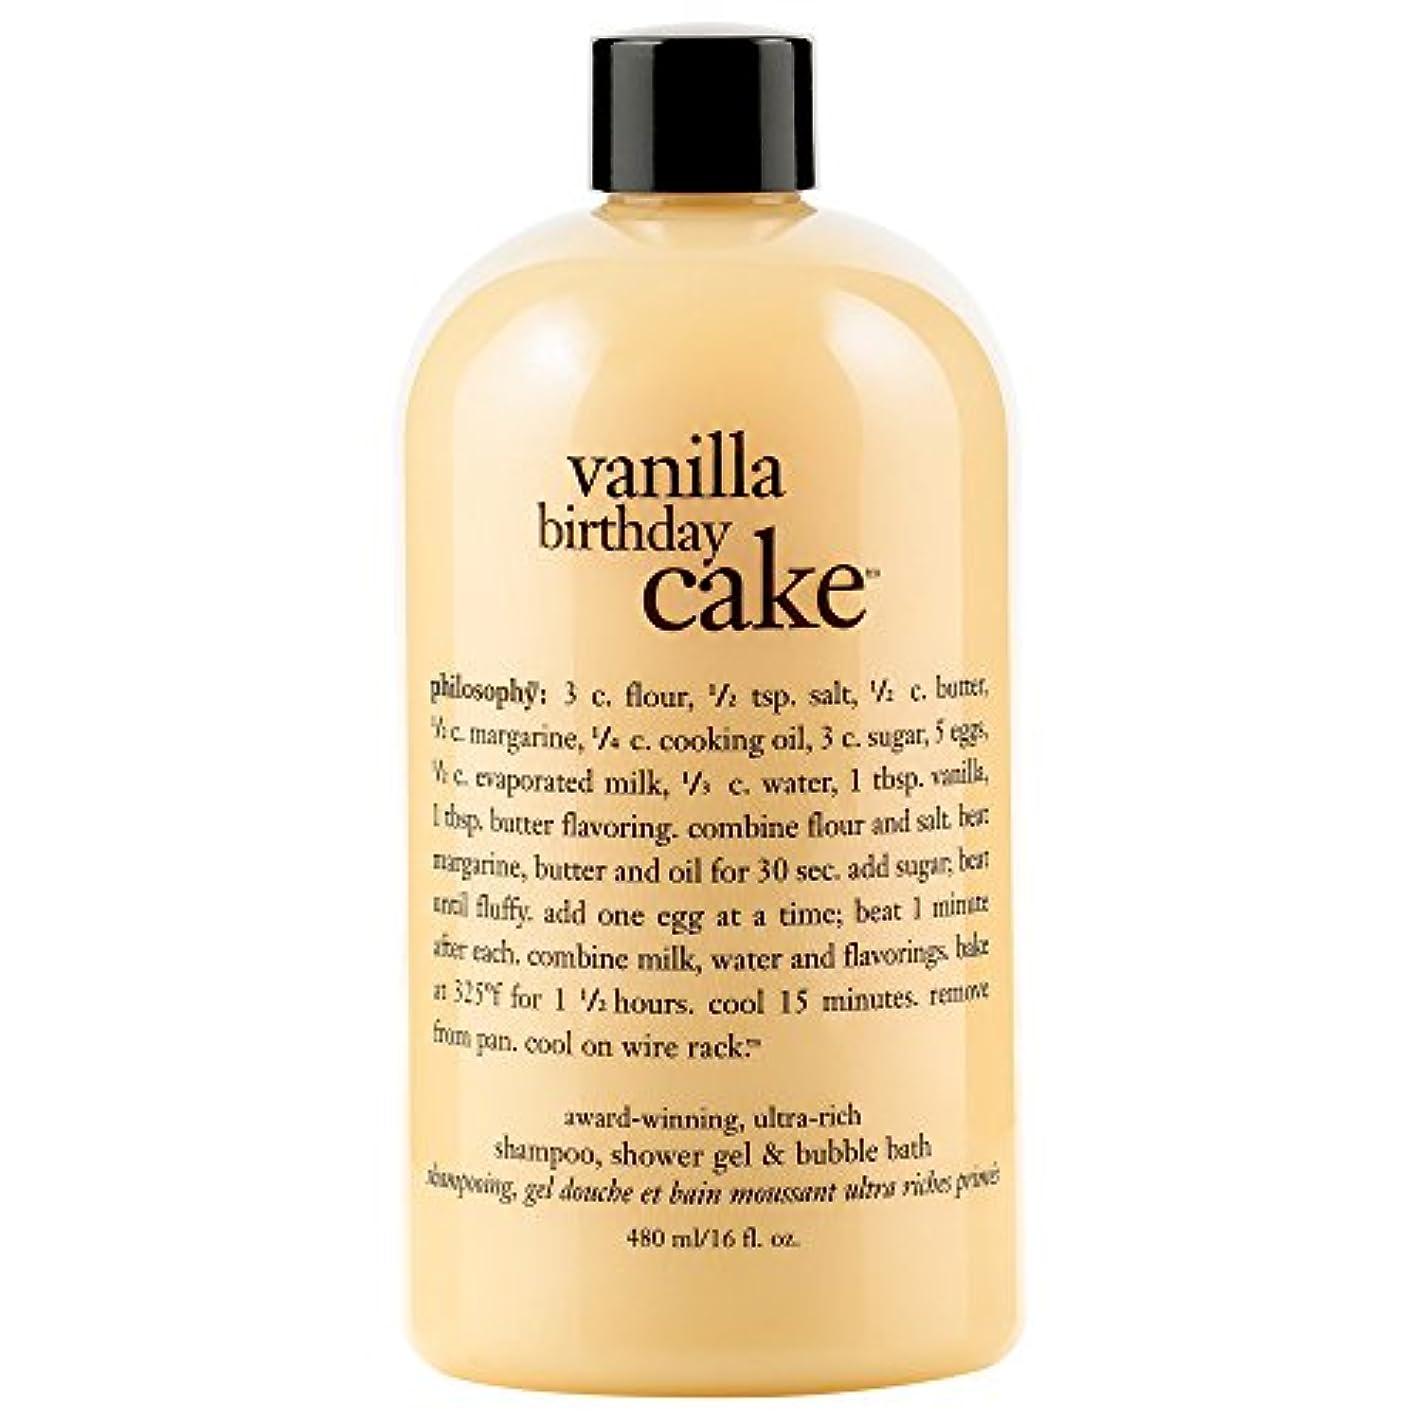 疲れたアラブアプライアンス哲学バニラバースデーケーキシャンプー/シャワージェル/バブルバス480ミリリットル (Philosophy) (x6) - Philosophy Vanilla Birthday Cake Shampoo/Shower...